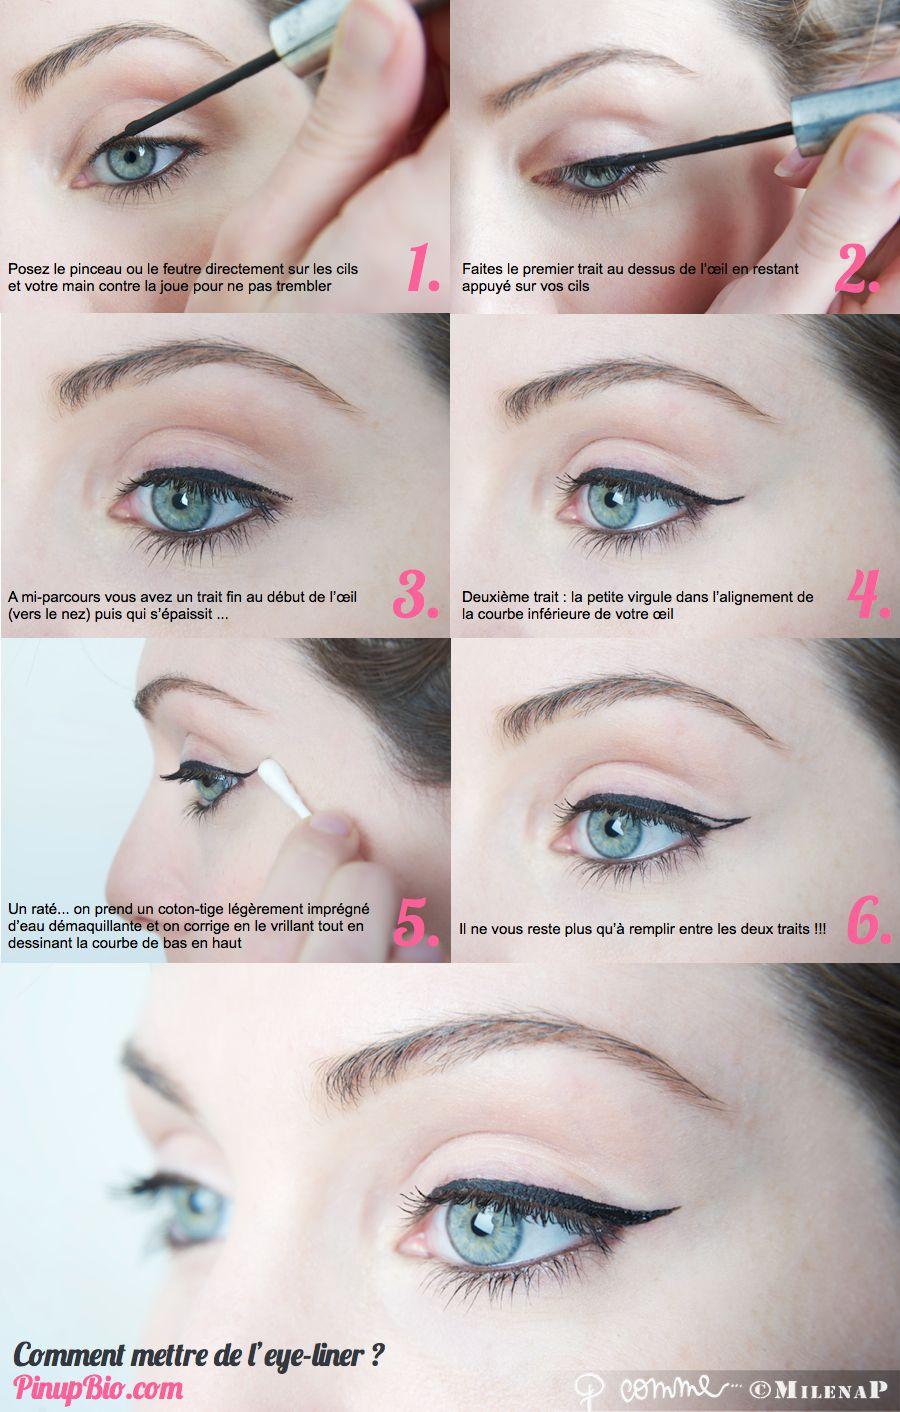 Assez tutoriel #eyeliner #pinup PinUp Bio ! | Pin-up Bio | Pinterest  MV83